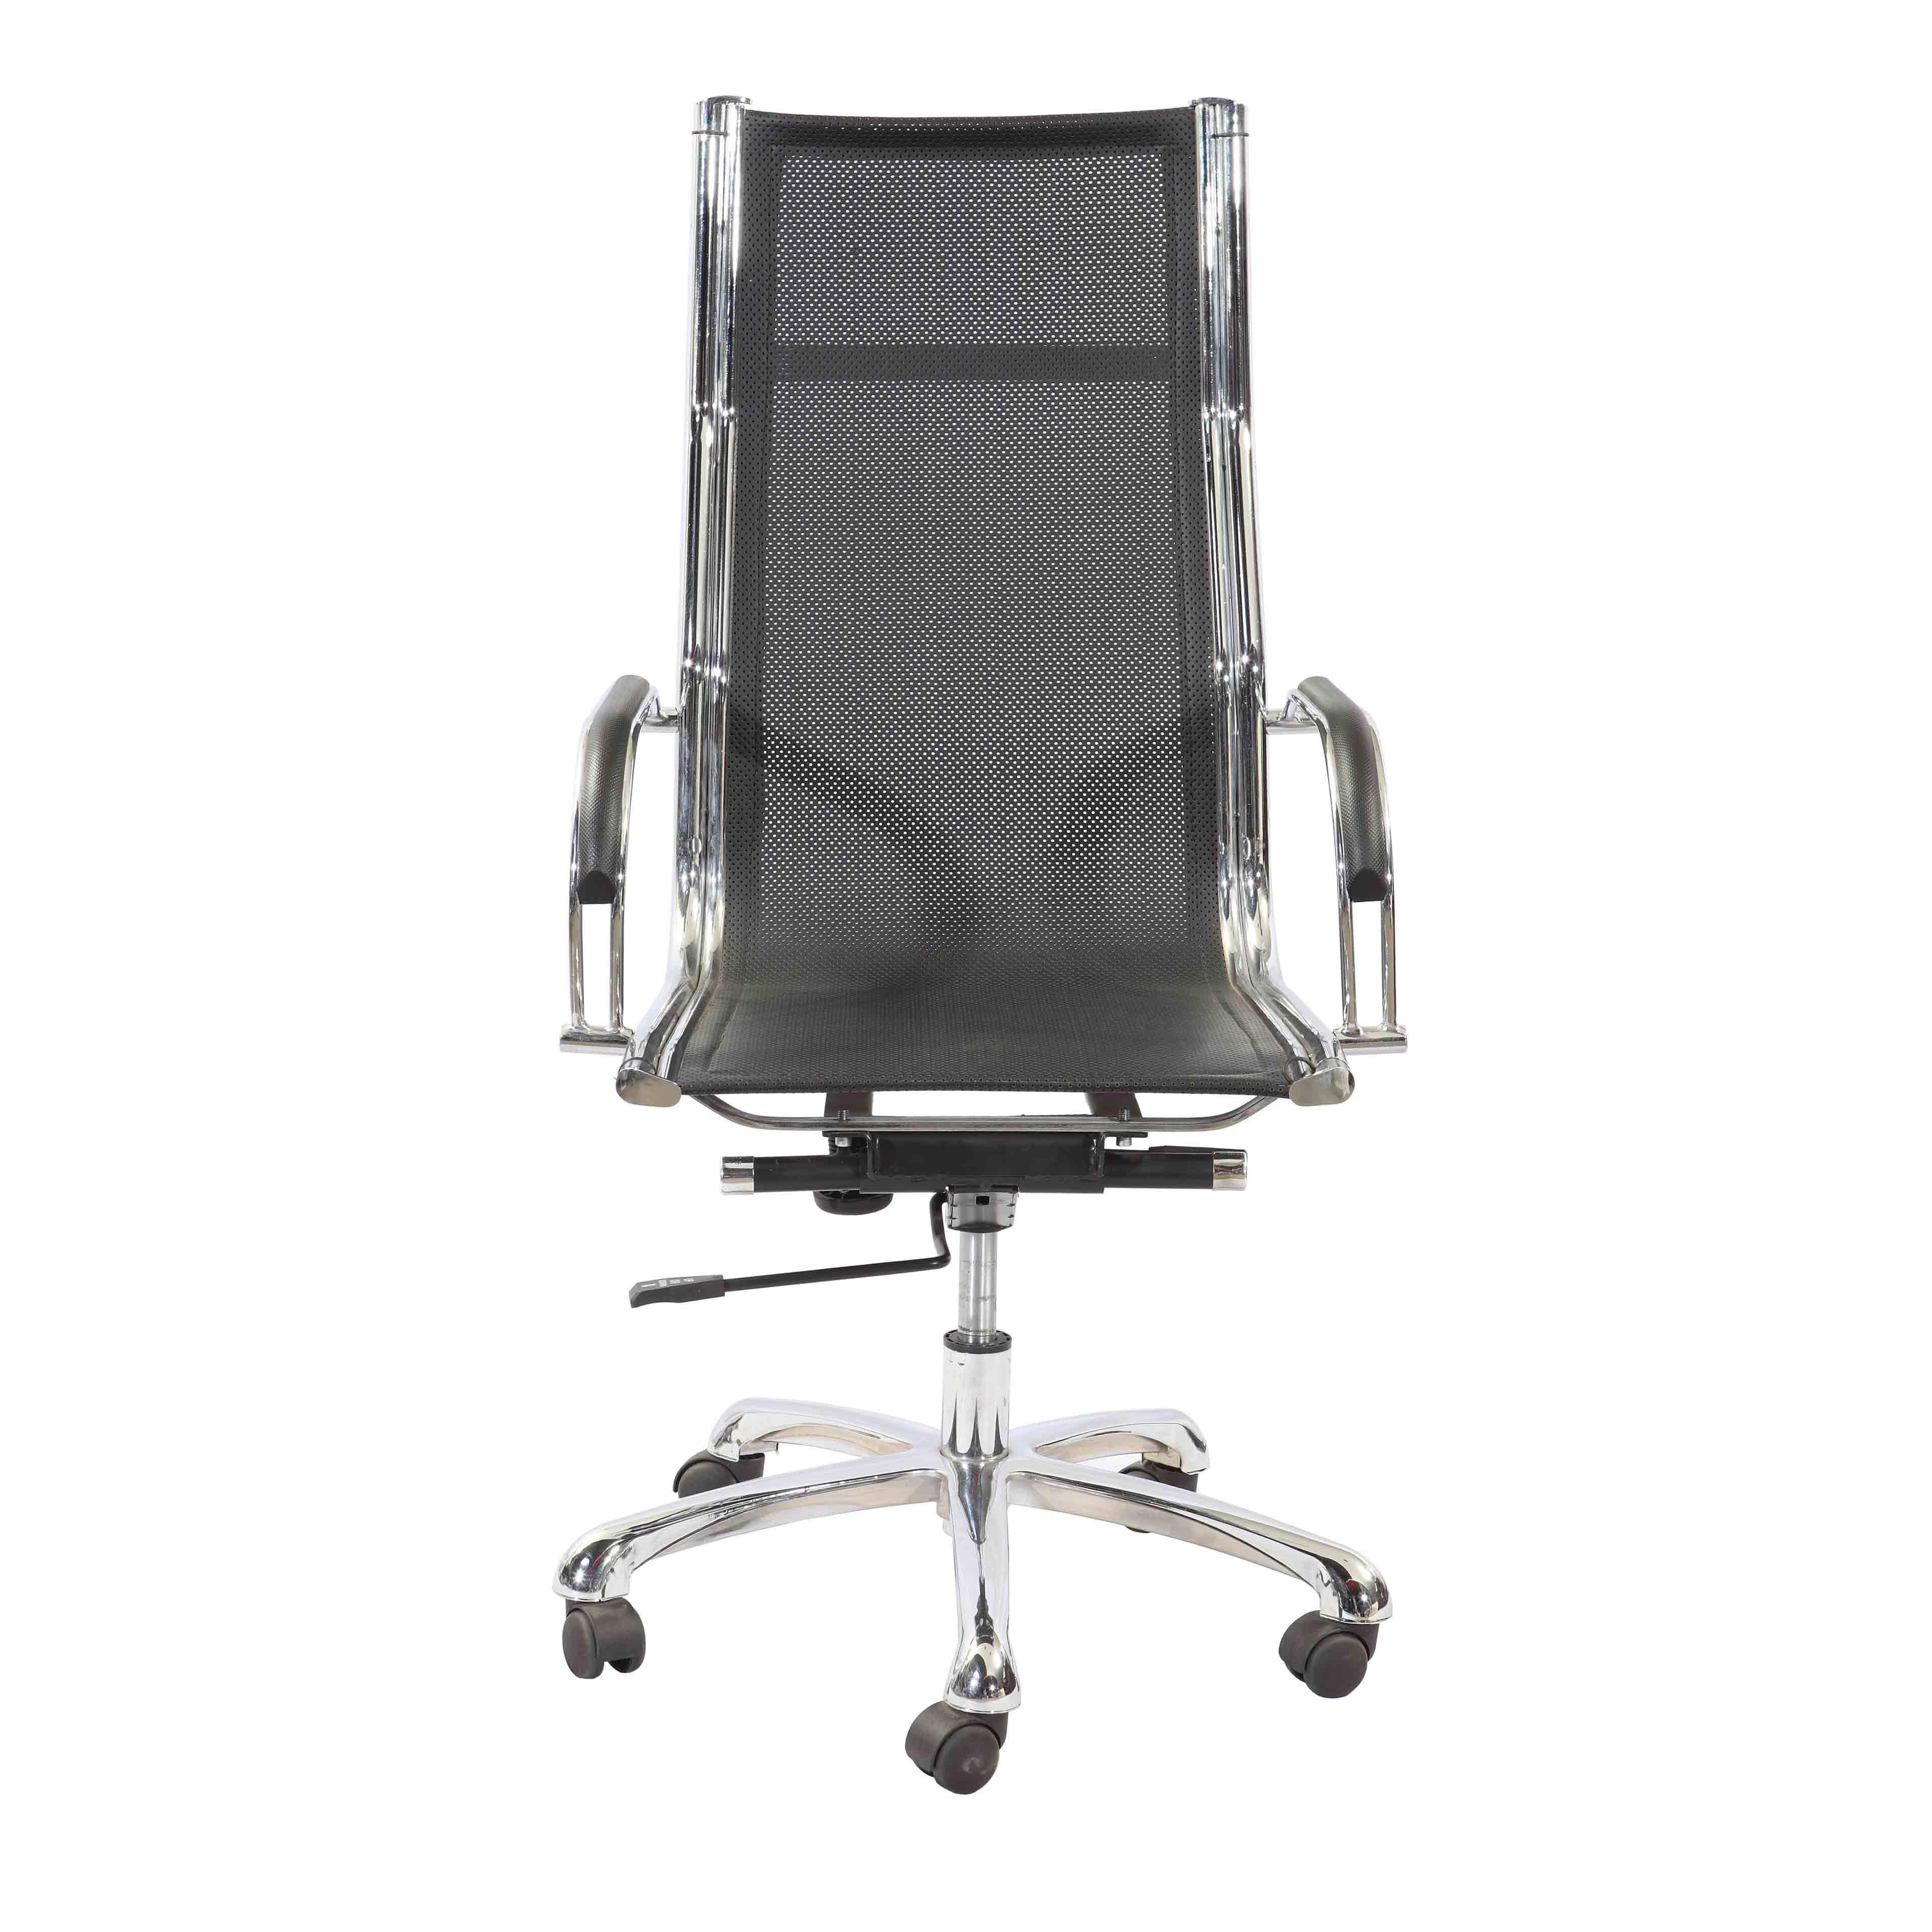 座椅系列网布椅Y-B150115